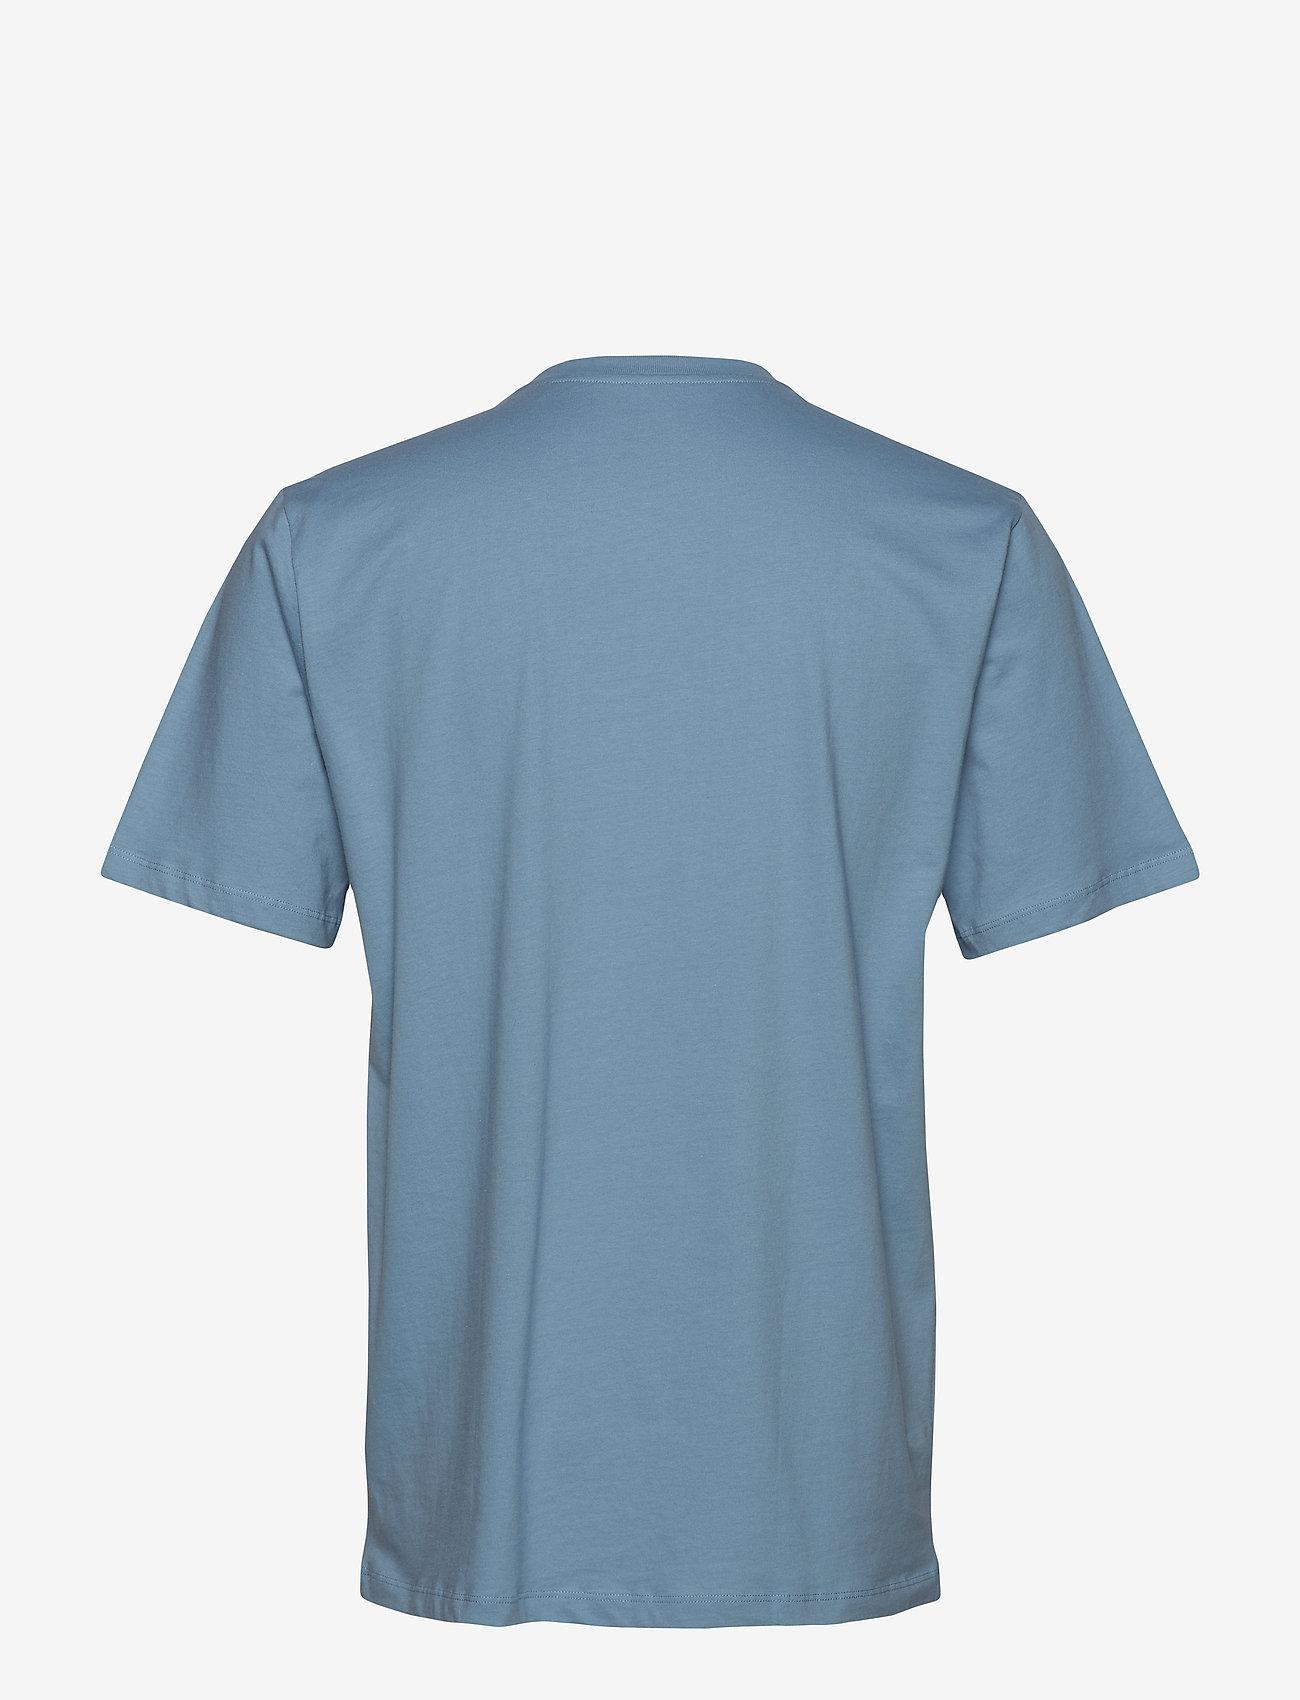 Schiesser - Shirt 1/2 - basic t-shirts - light blue - 1